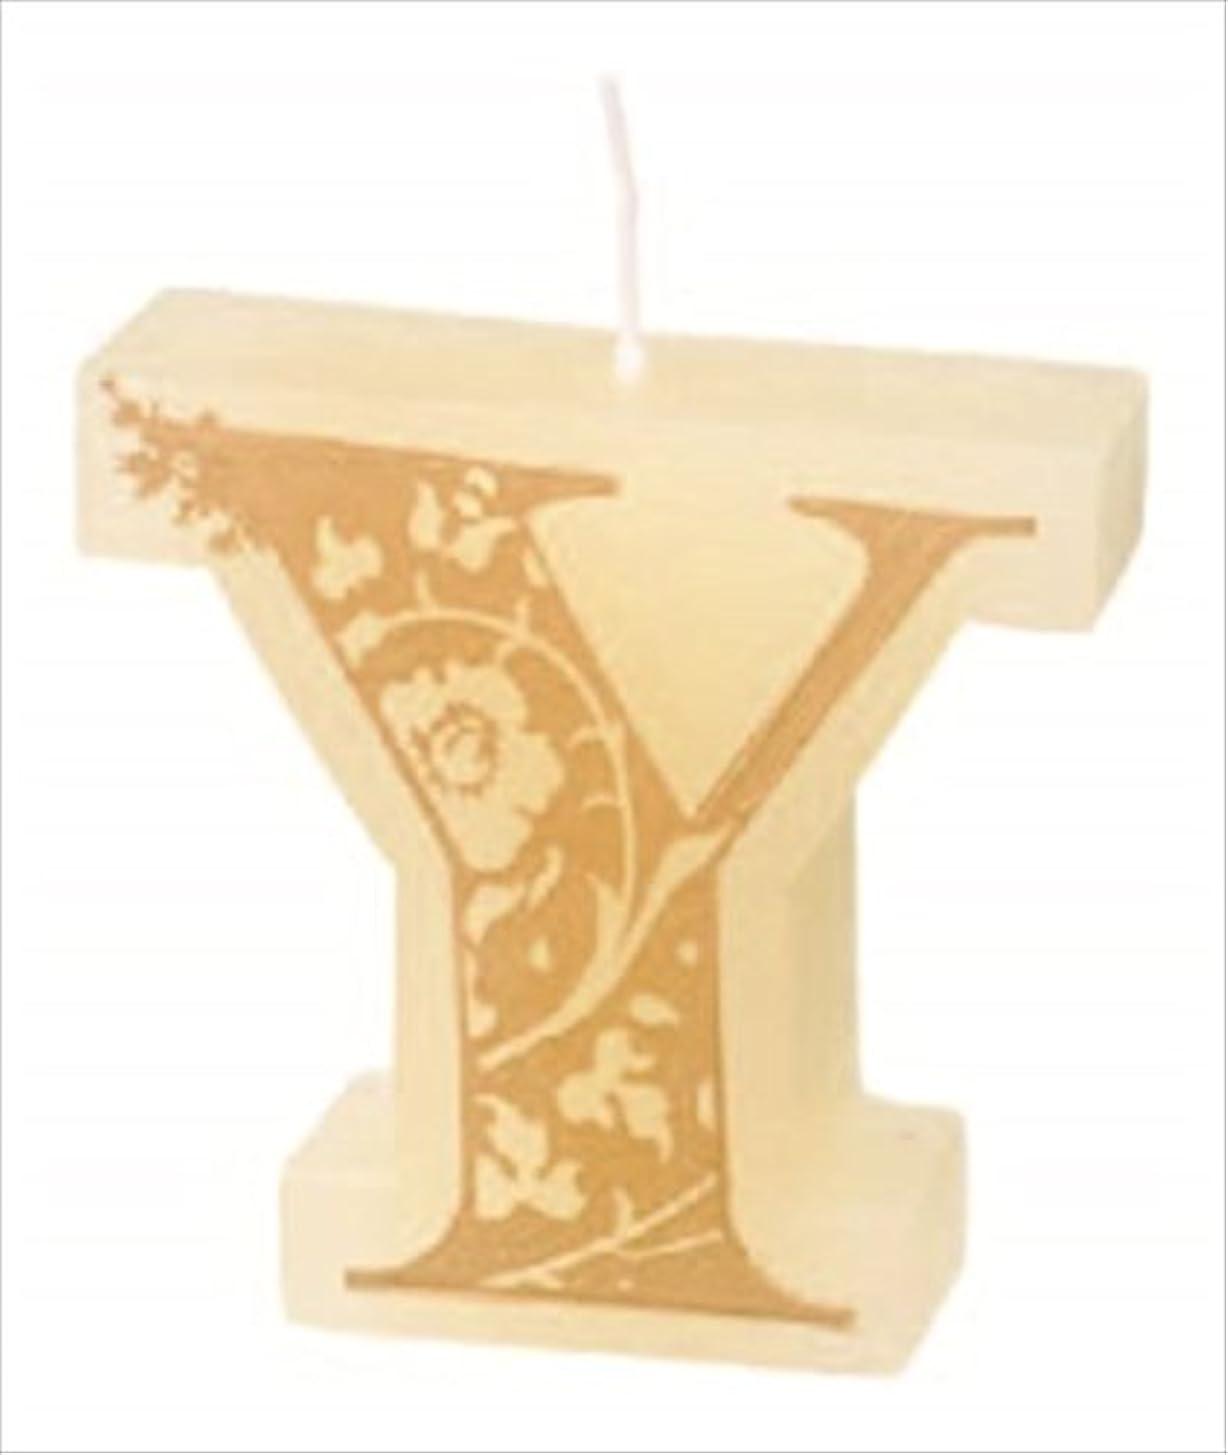 見せます面倒夕暮れカメヤマキャンドル(kameyama candle) イニシャルキャンドルミニ 「 Y 」